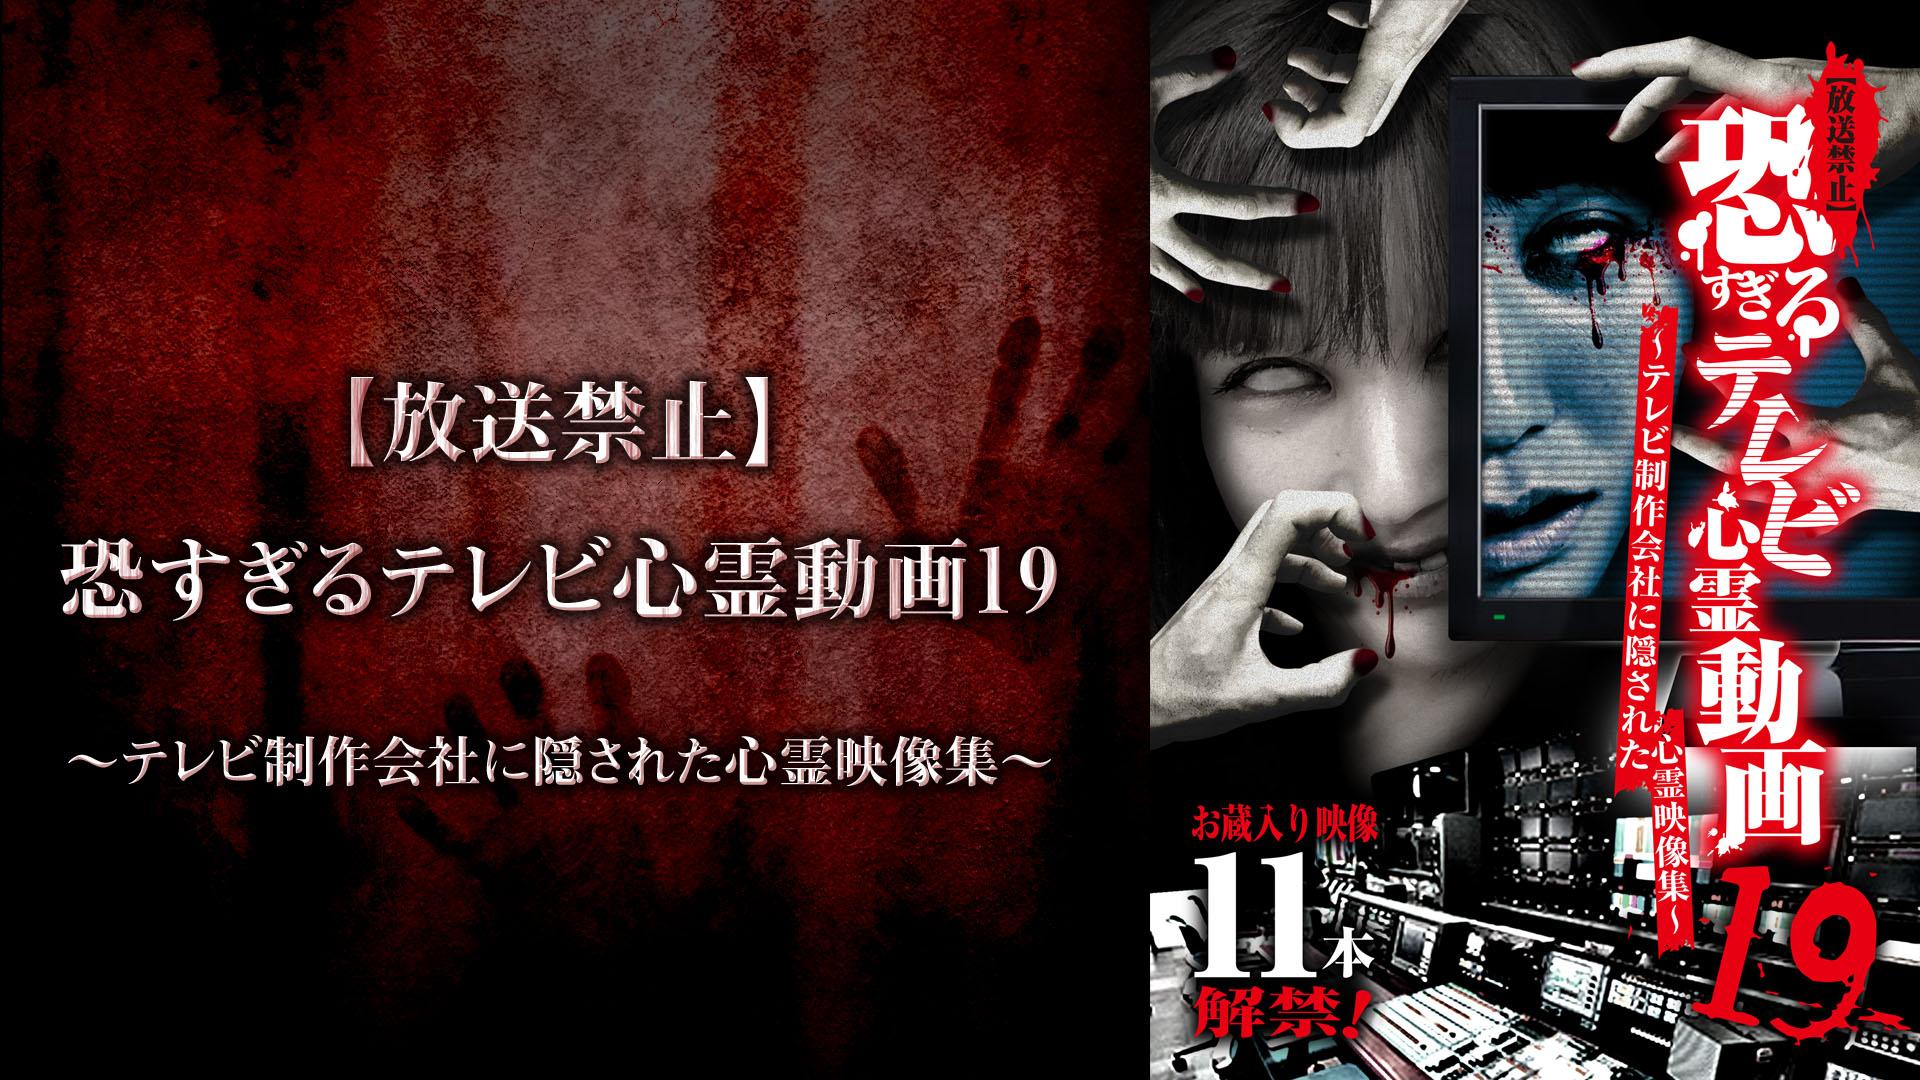 【放送禁止】恐すぎるテレビ心霊動画19 -テレビ制作会社に隠された心霊映像集-